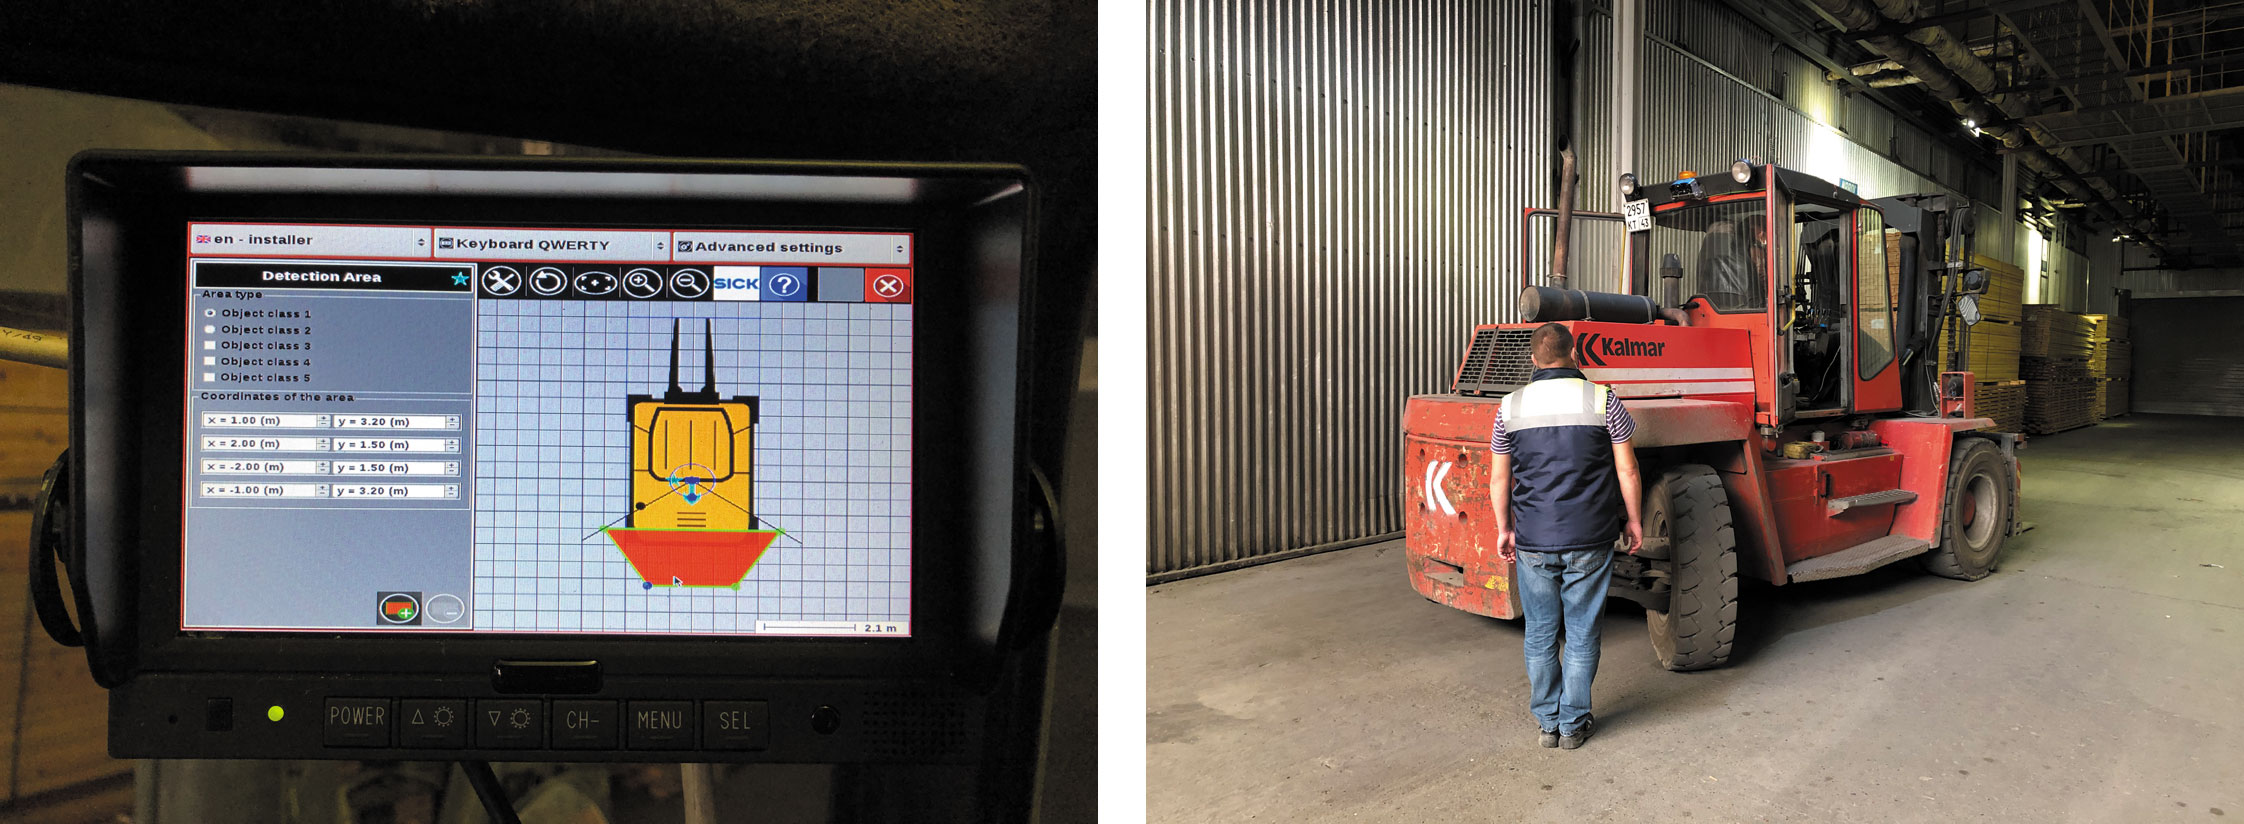 Пример использования системы Visionary-B для предотвращения наезда на персонал